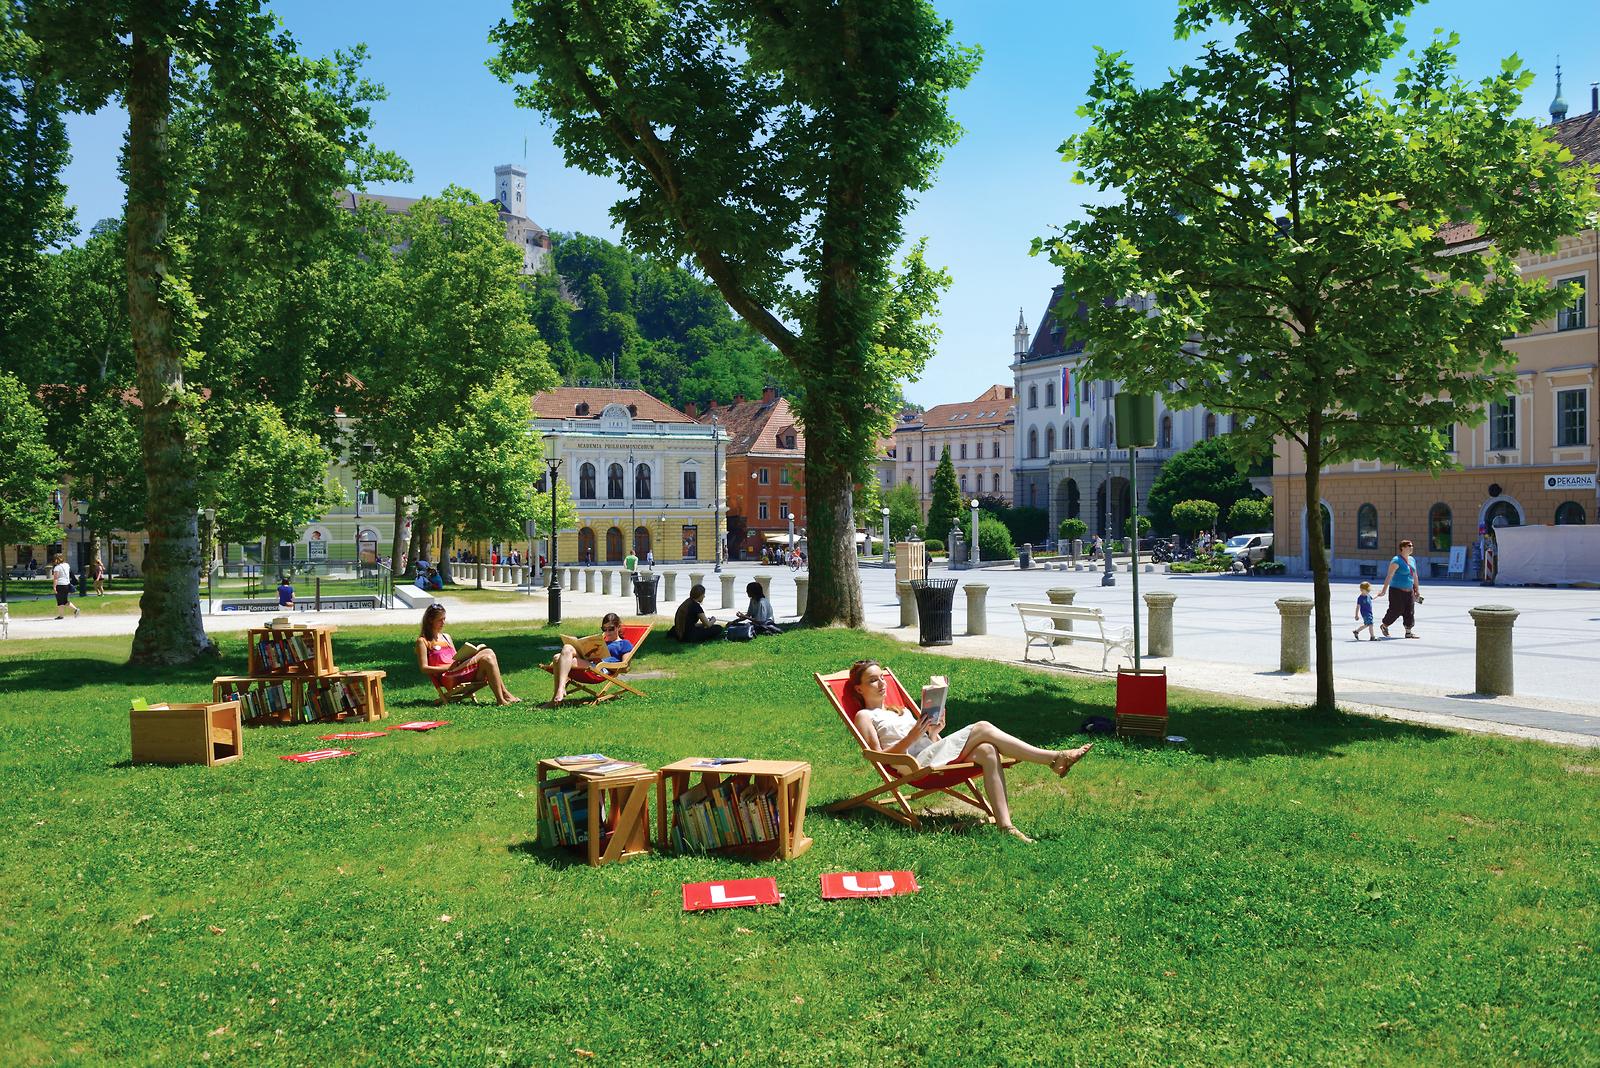 Grünes_Ljubljana_-_TLS_Reisekultur